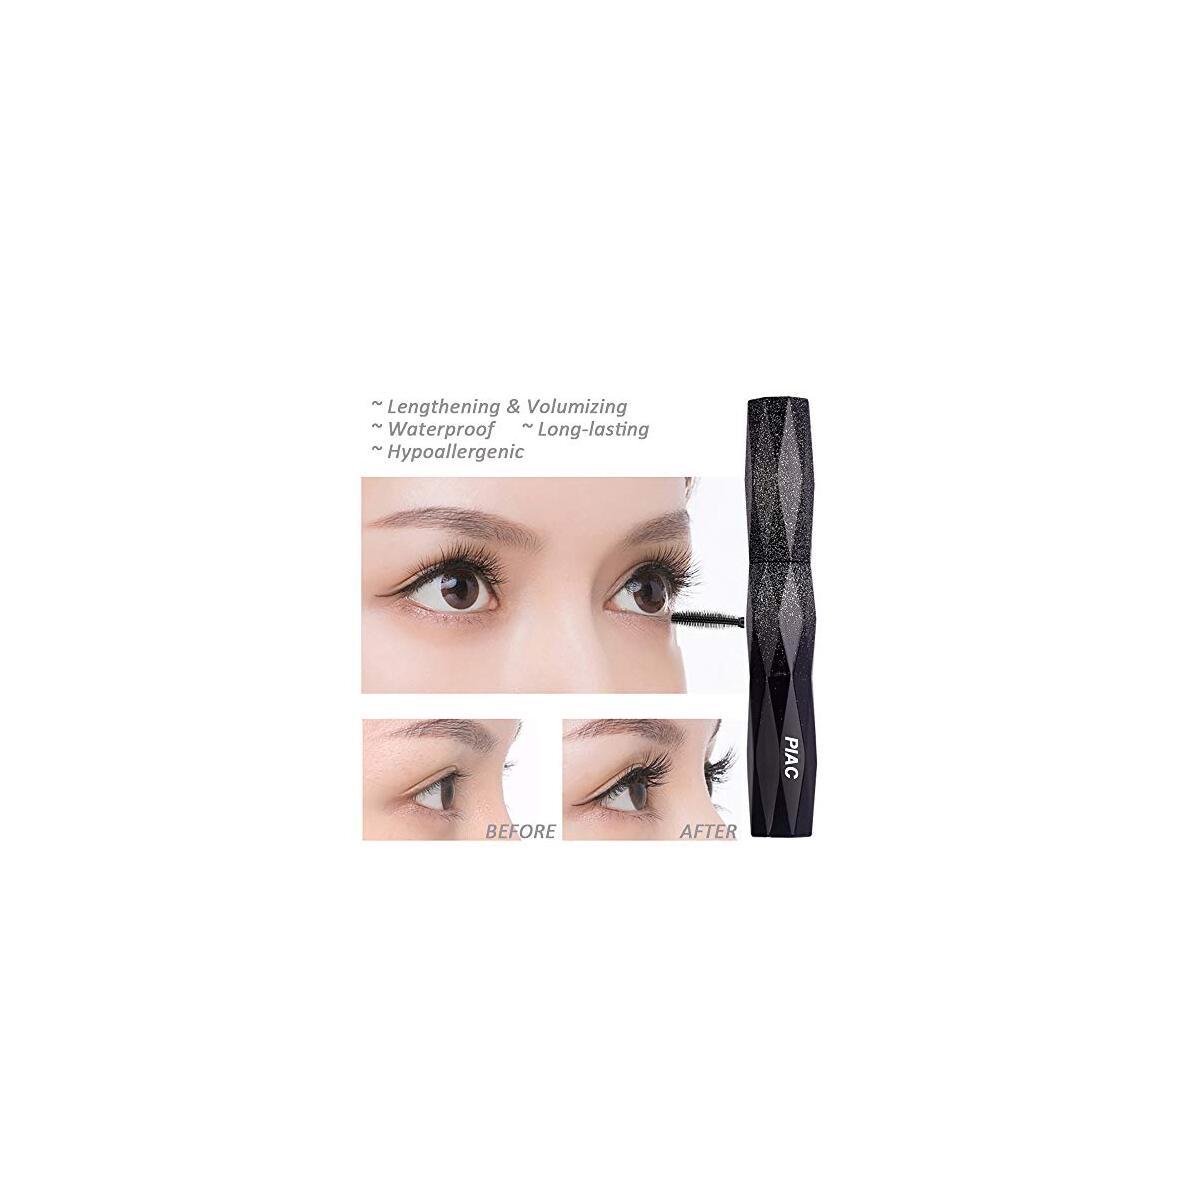 Gypsophila Silk Fiber Lash Mascara with Brush, Lengthening and Thick, Long Lasting, Waterproof & Smudge-Proof Eyelashes